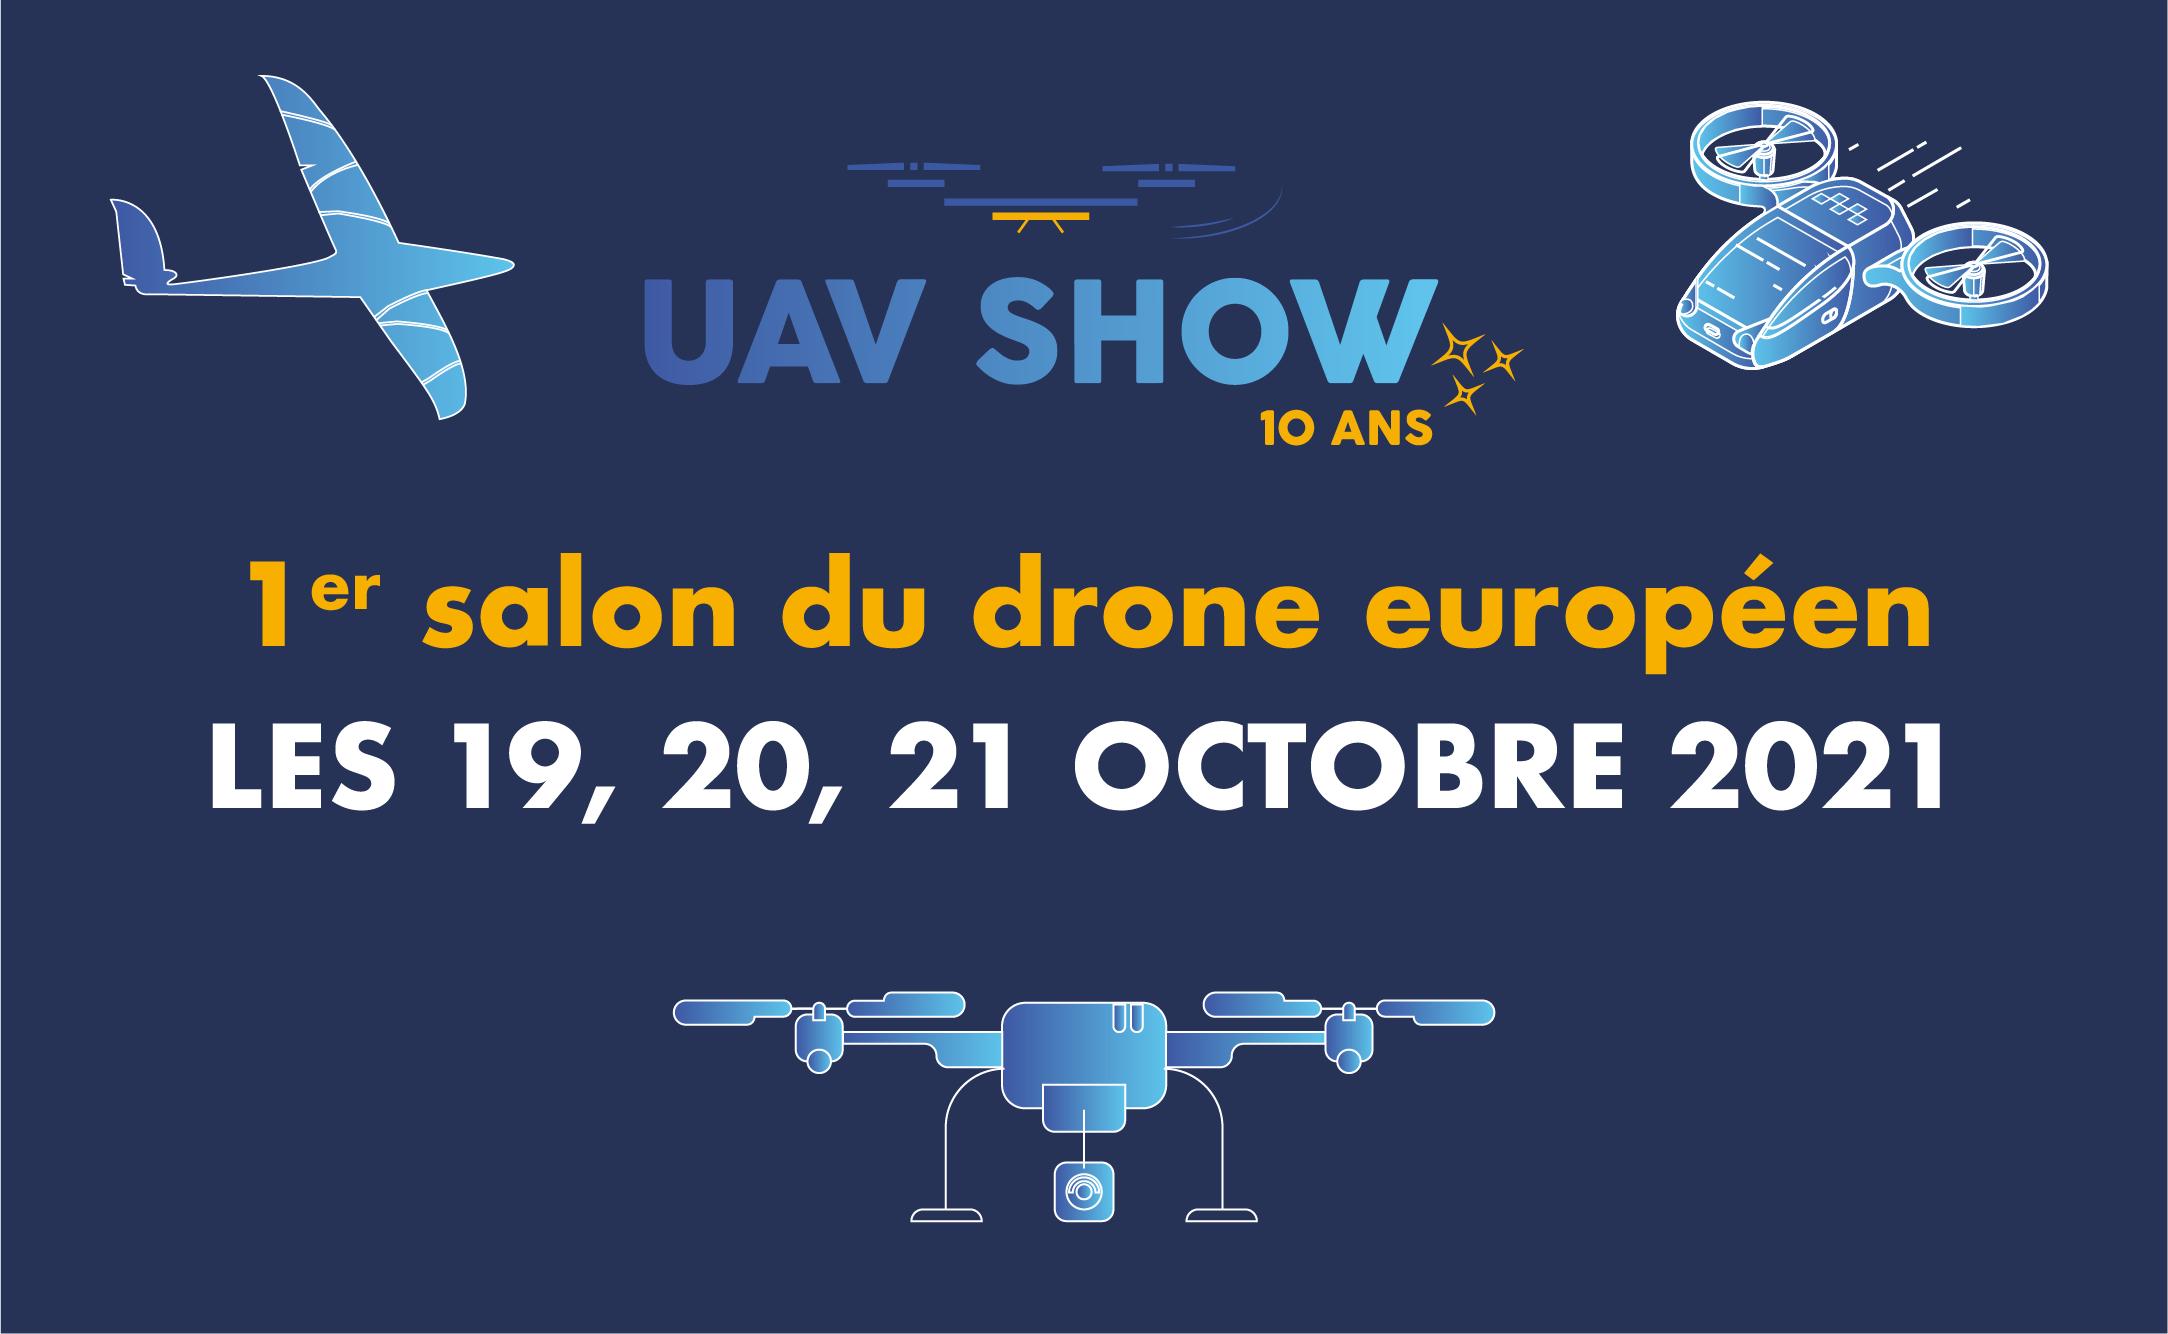 Découvrez le monde du drone au UAV Show